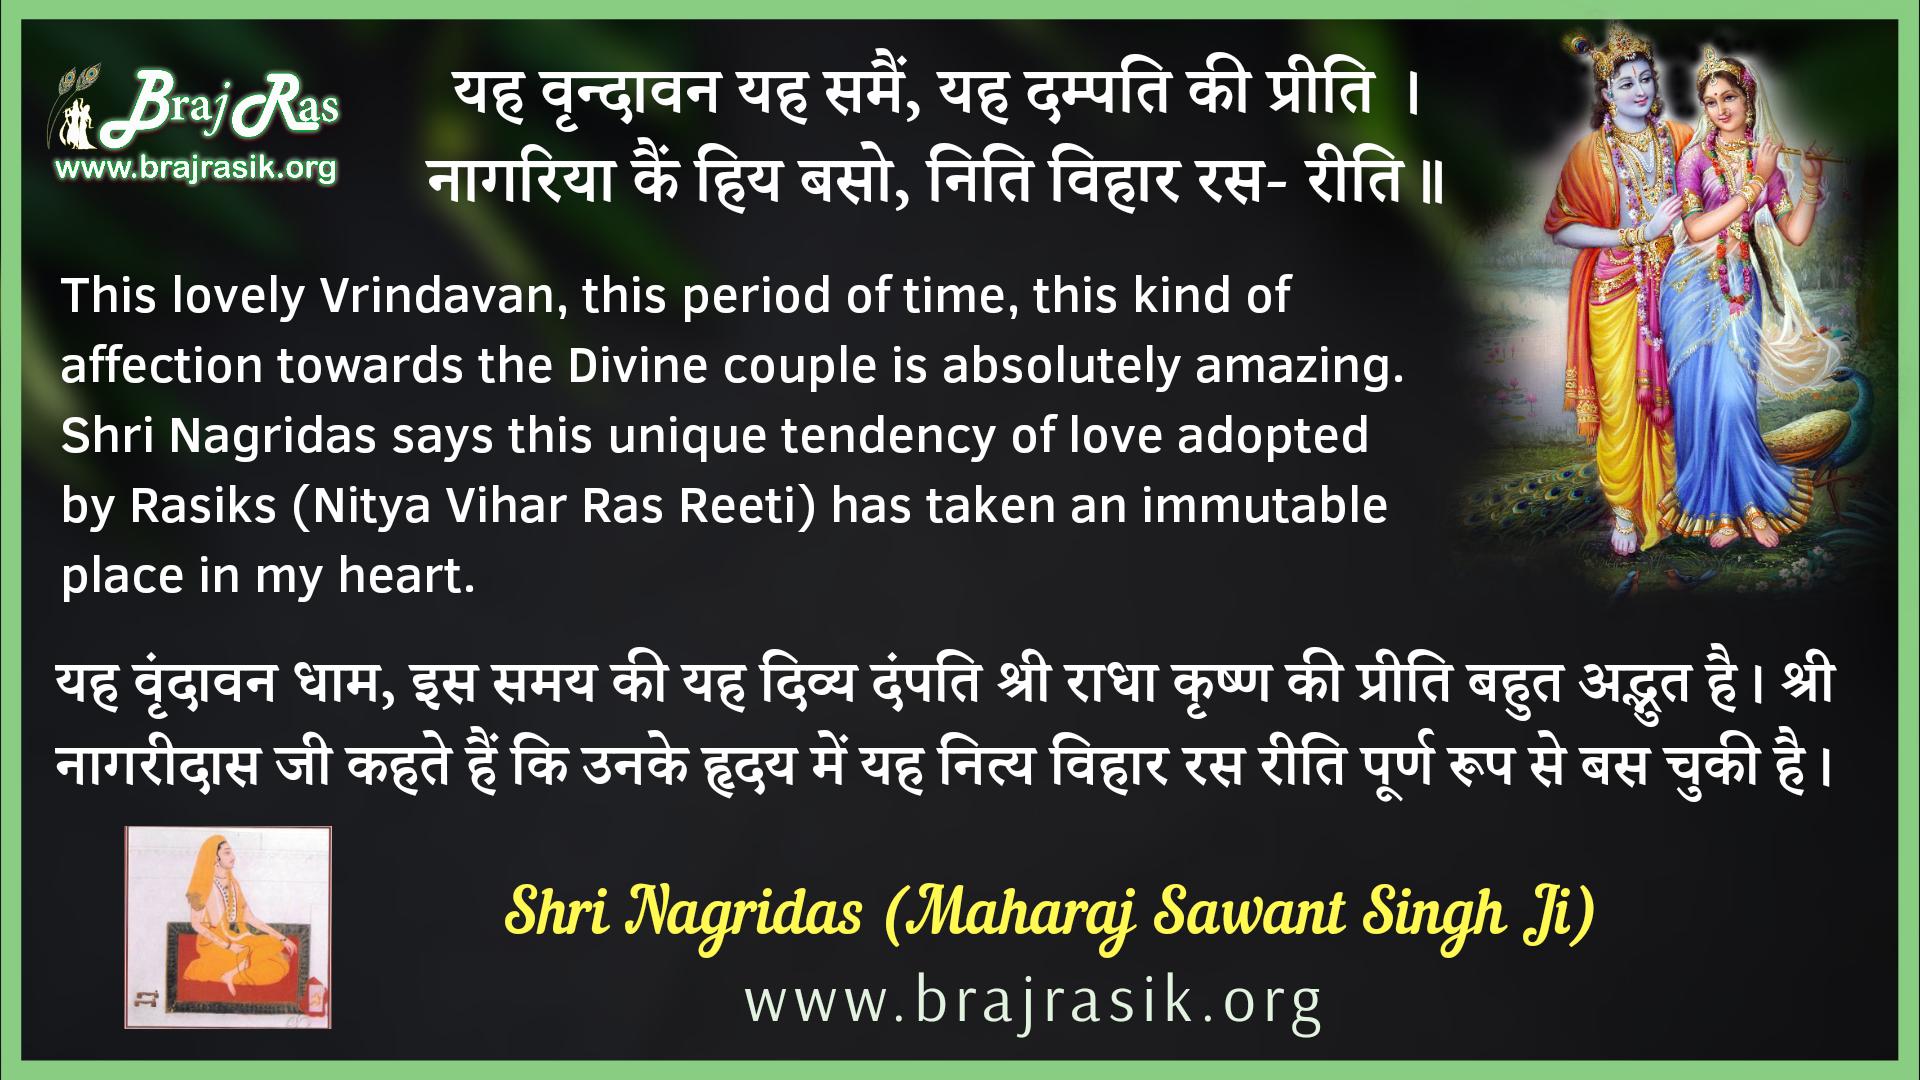 Yah Vrindavan Yah Samay, Yah Dampati Ki Preeti - Shri Nagridas